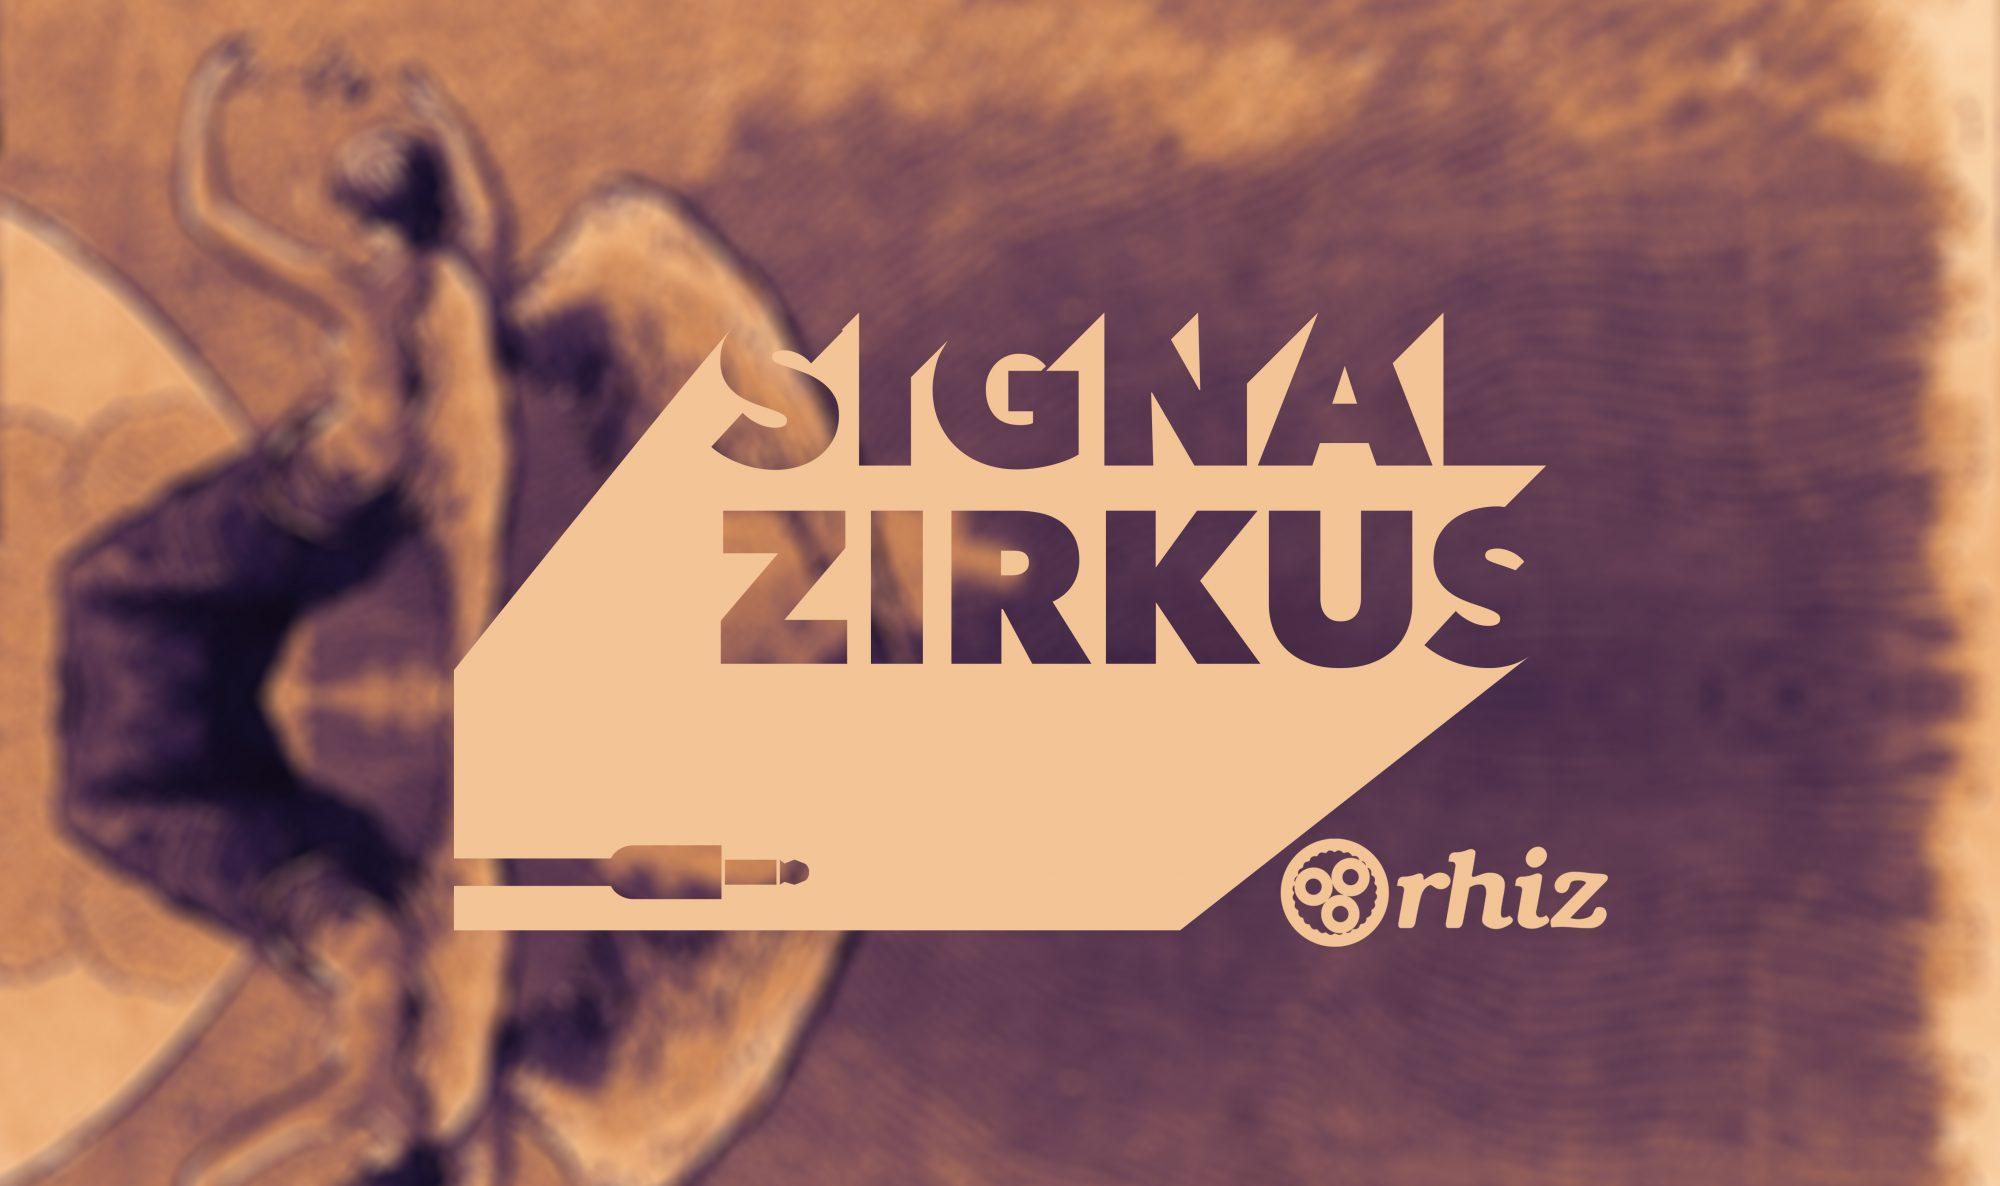 SIGNAL ZIRKUS